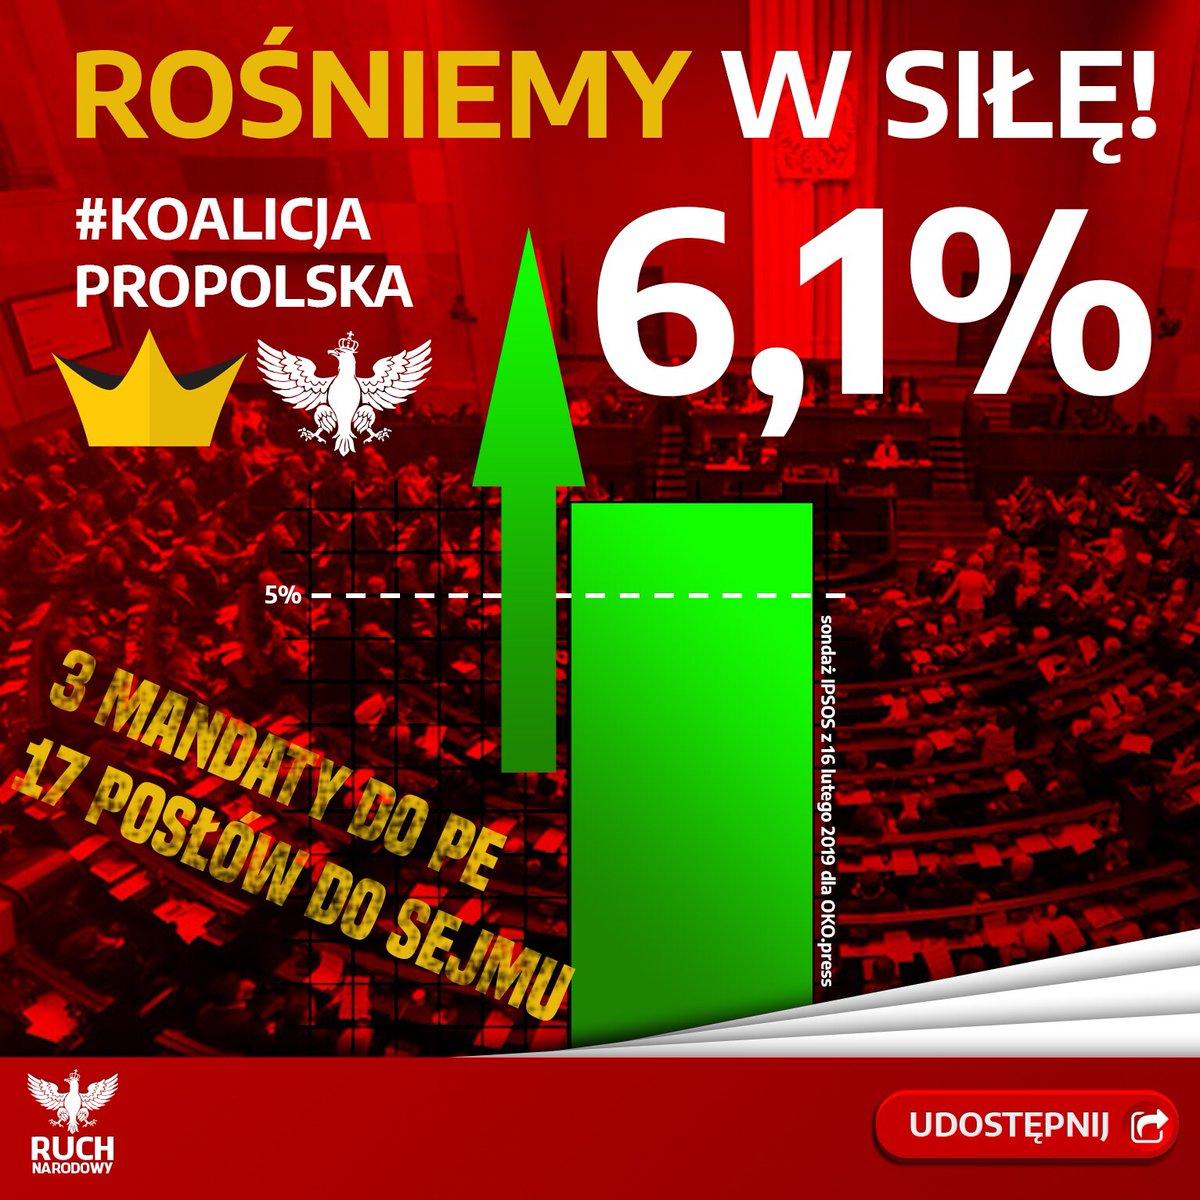 Przełomowy sondaż! Koalicja Propolska z mandatami w PE i silną reprezentacją w Sejmie